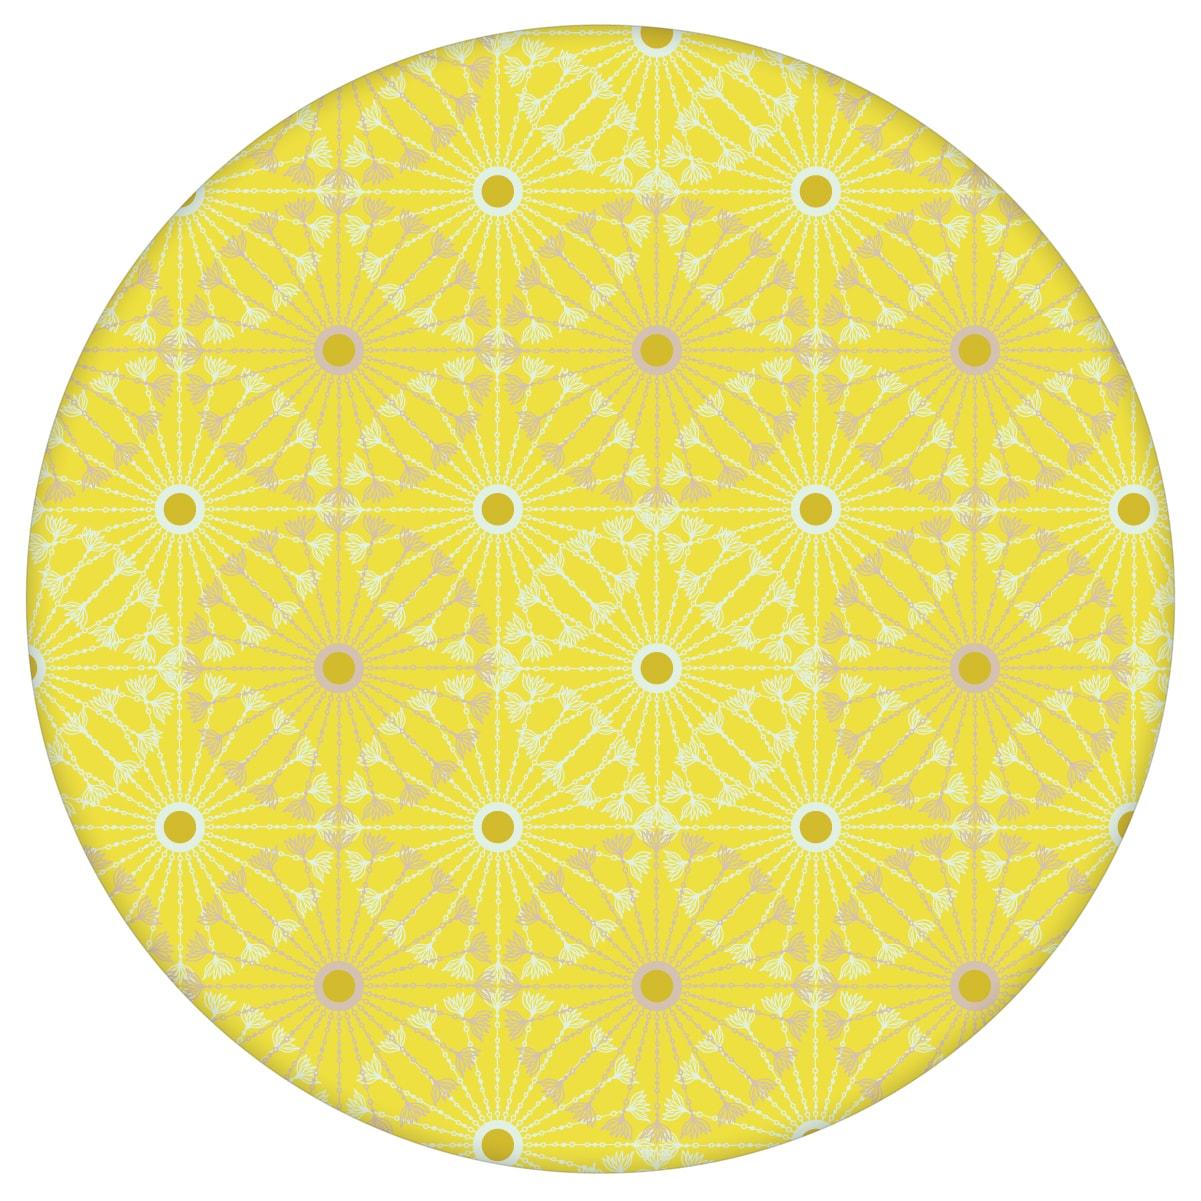 """Sonnige Tapete """"Charming Circles"""" mit Pfeil Kreisen, gelbe Vlies-Tapete Ornamenttapete für Schlafzimmeraus dem GMM-BERLIN.com Sortiment: gelbe Tapete zur Raumgestaltung: #00168 #gelb #gelbe Tapeten #grafisch #Grafische Tapete #kreise #ornamente #Pfeile #schlafzimmer für individuelles Interiordesign"""